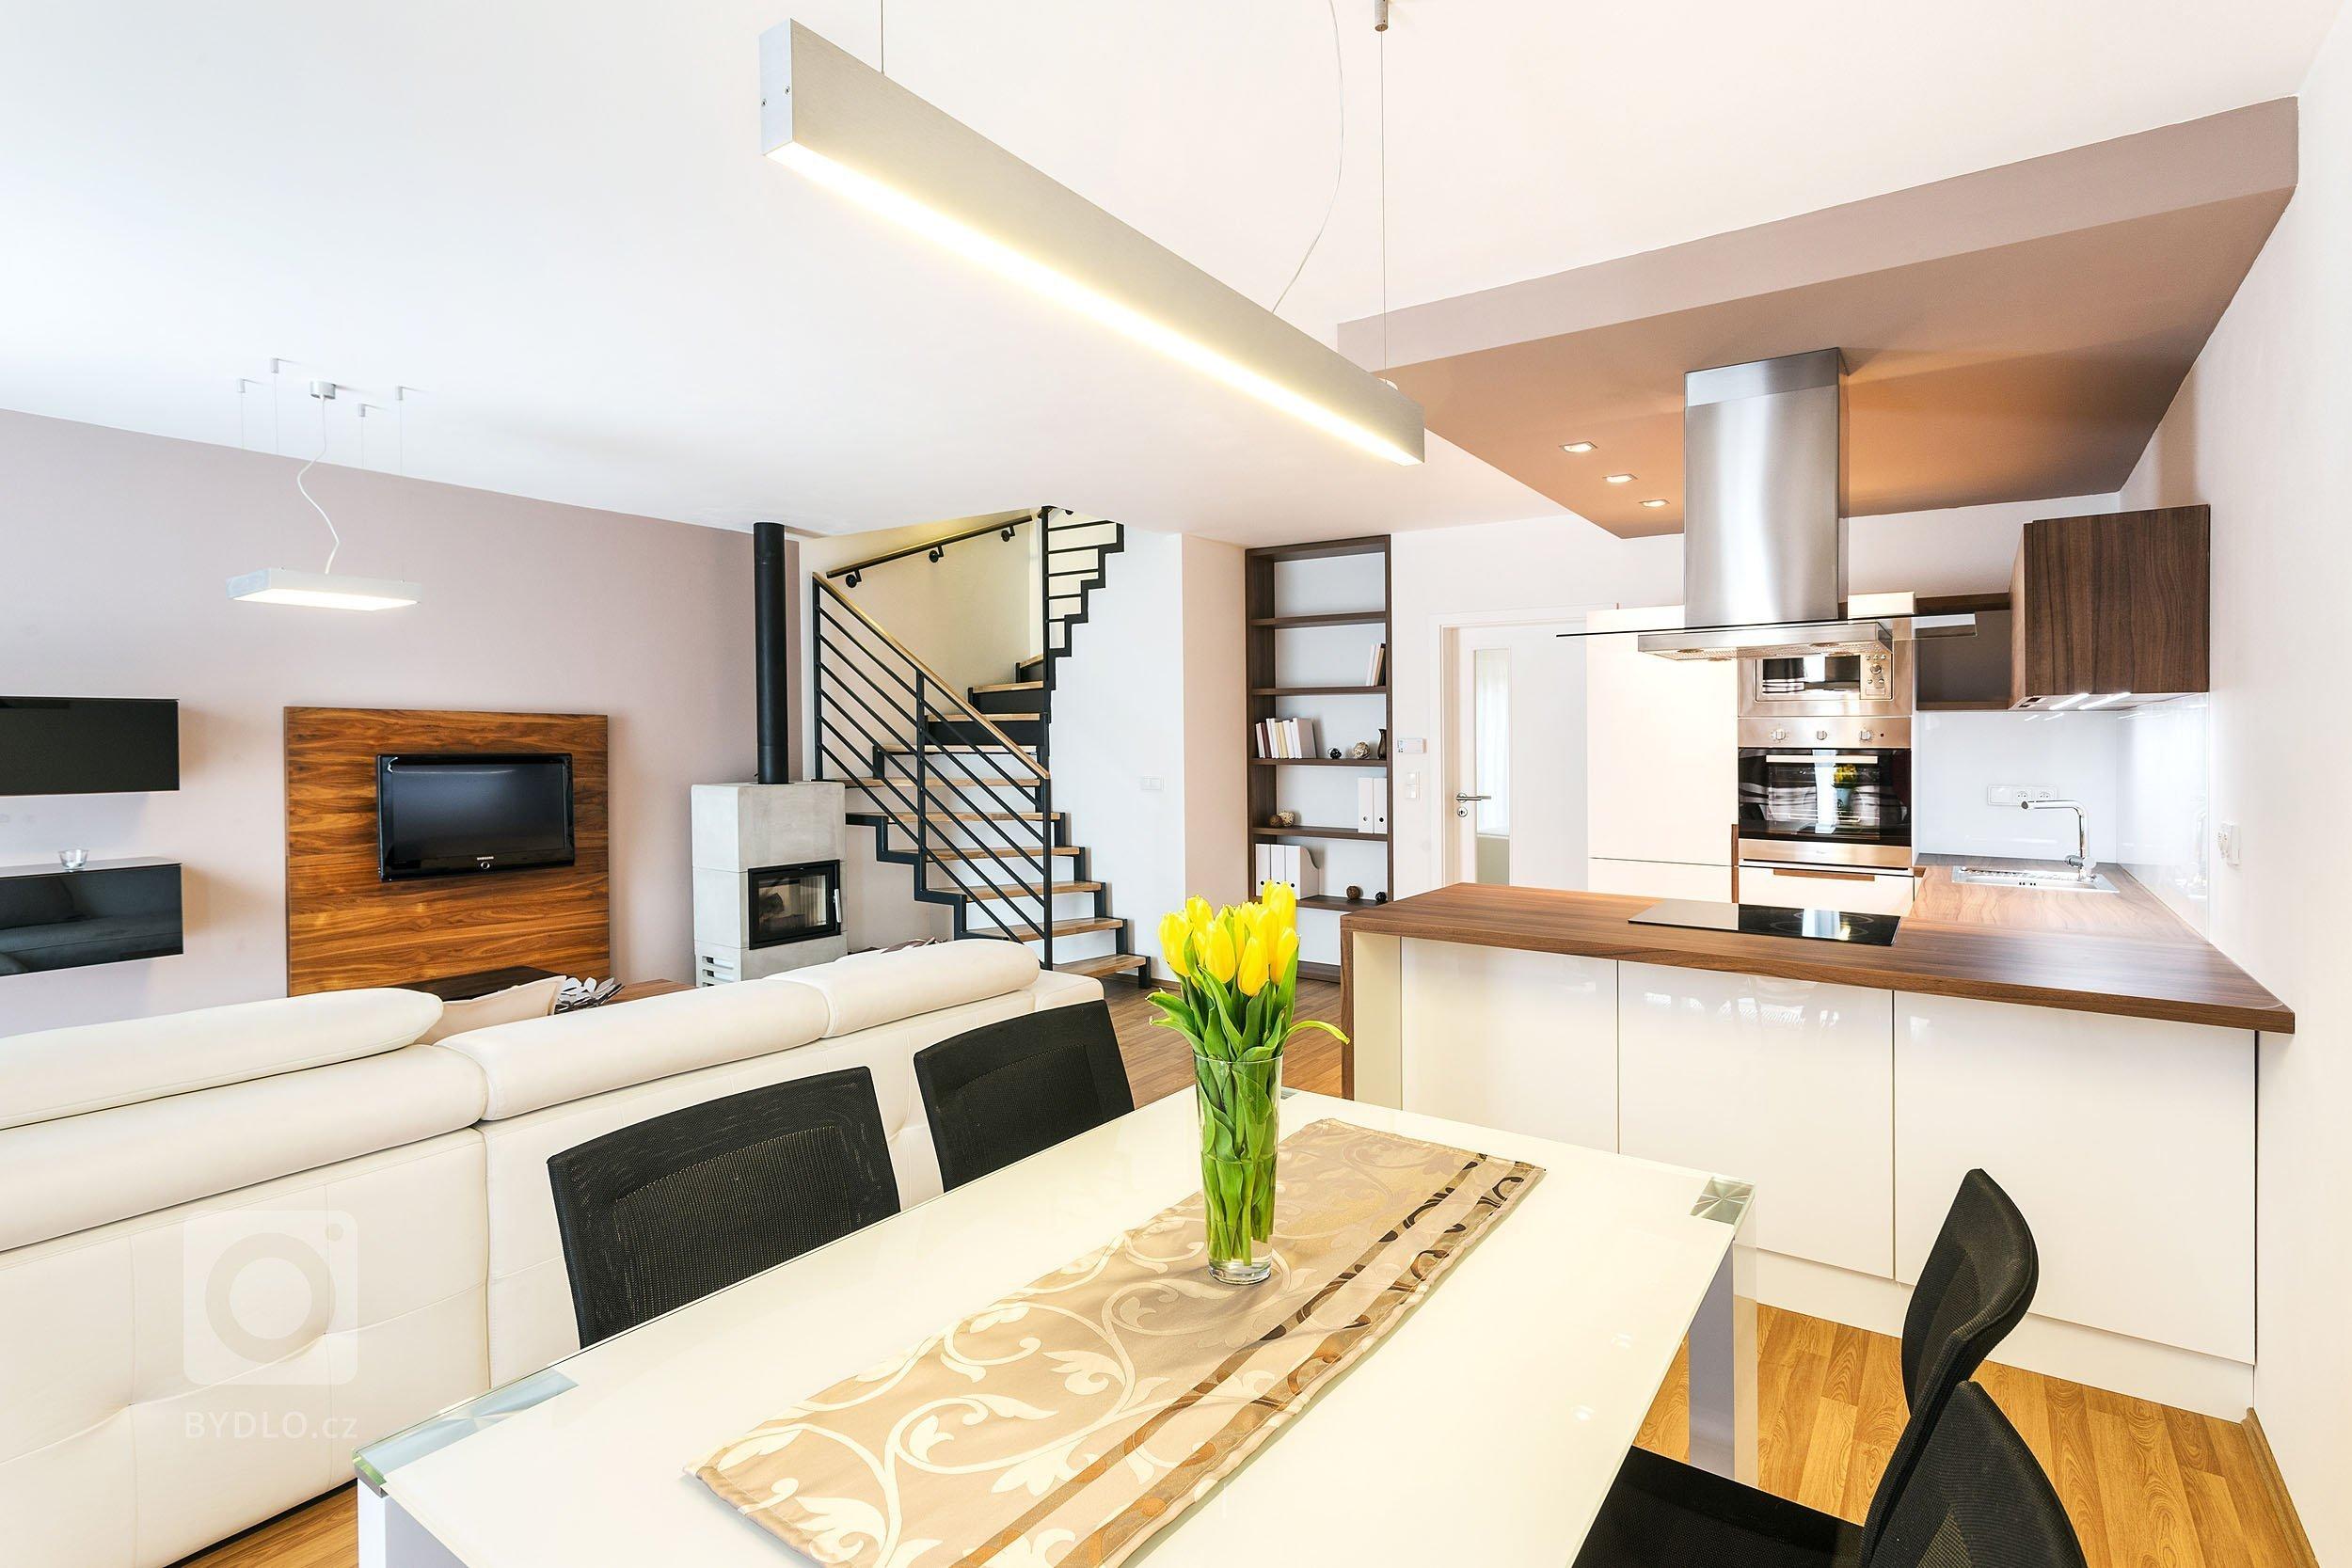 Kuchyně v obývacím pokoji, nebo zvlášť?